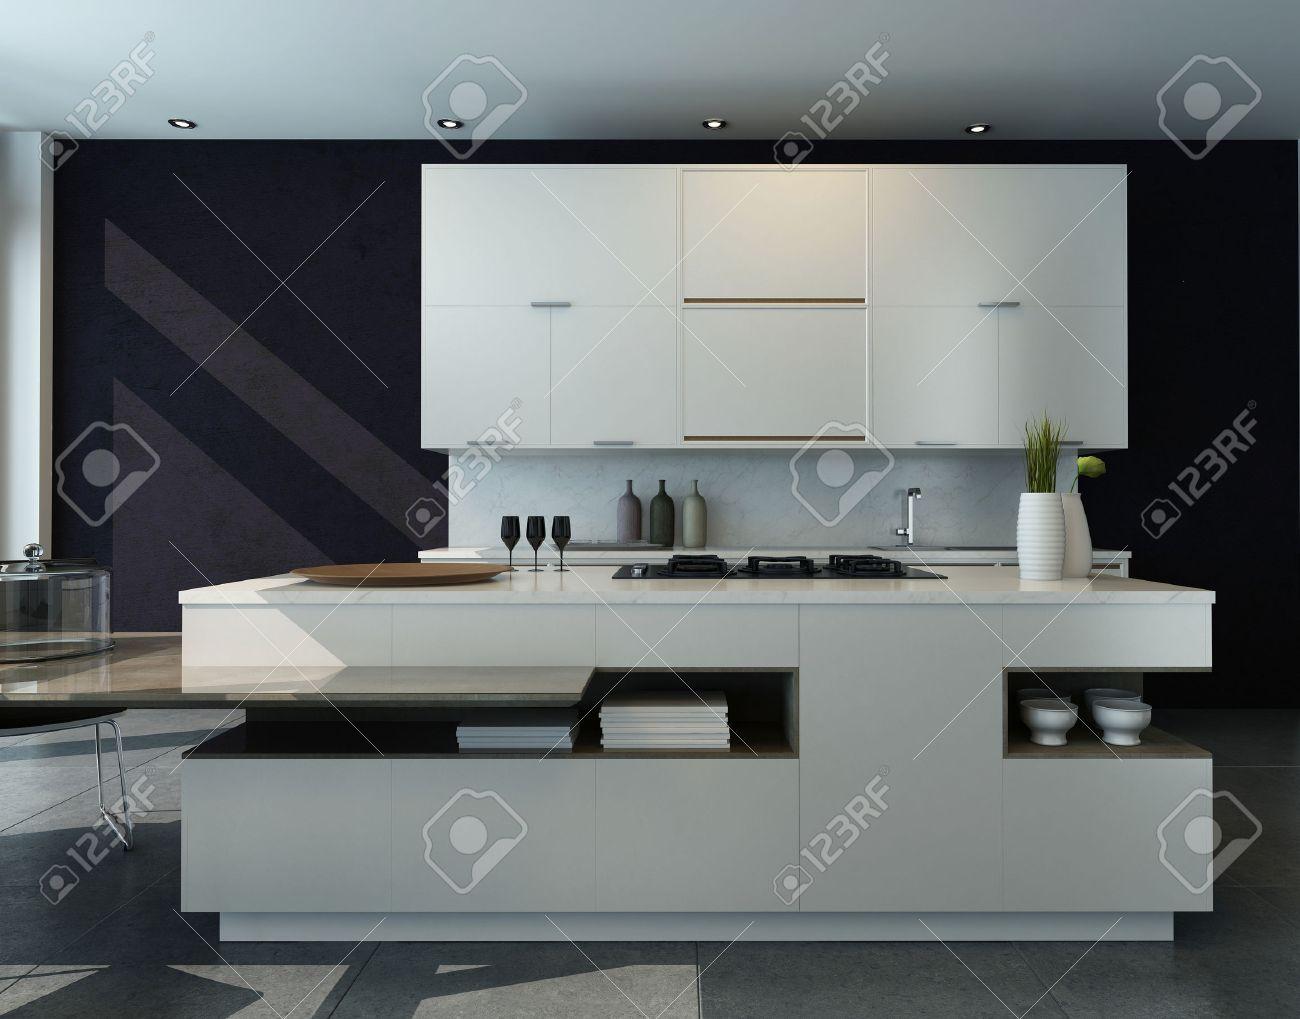 Zwart en wit keuken interieur met moderne meubels royalty vrije ...